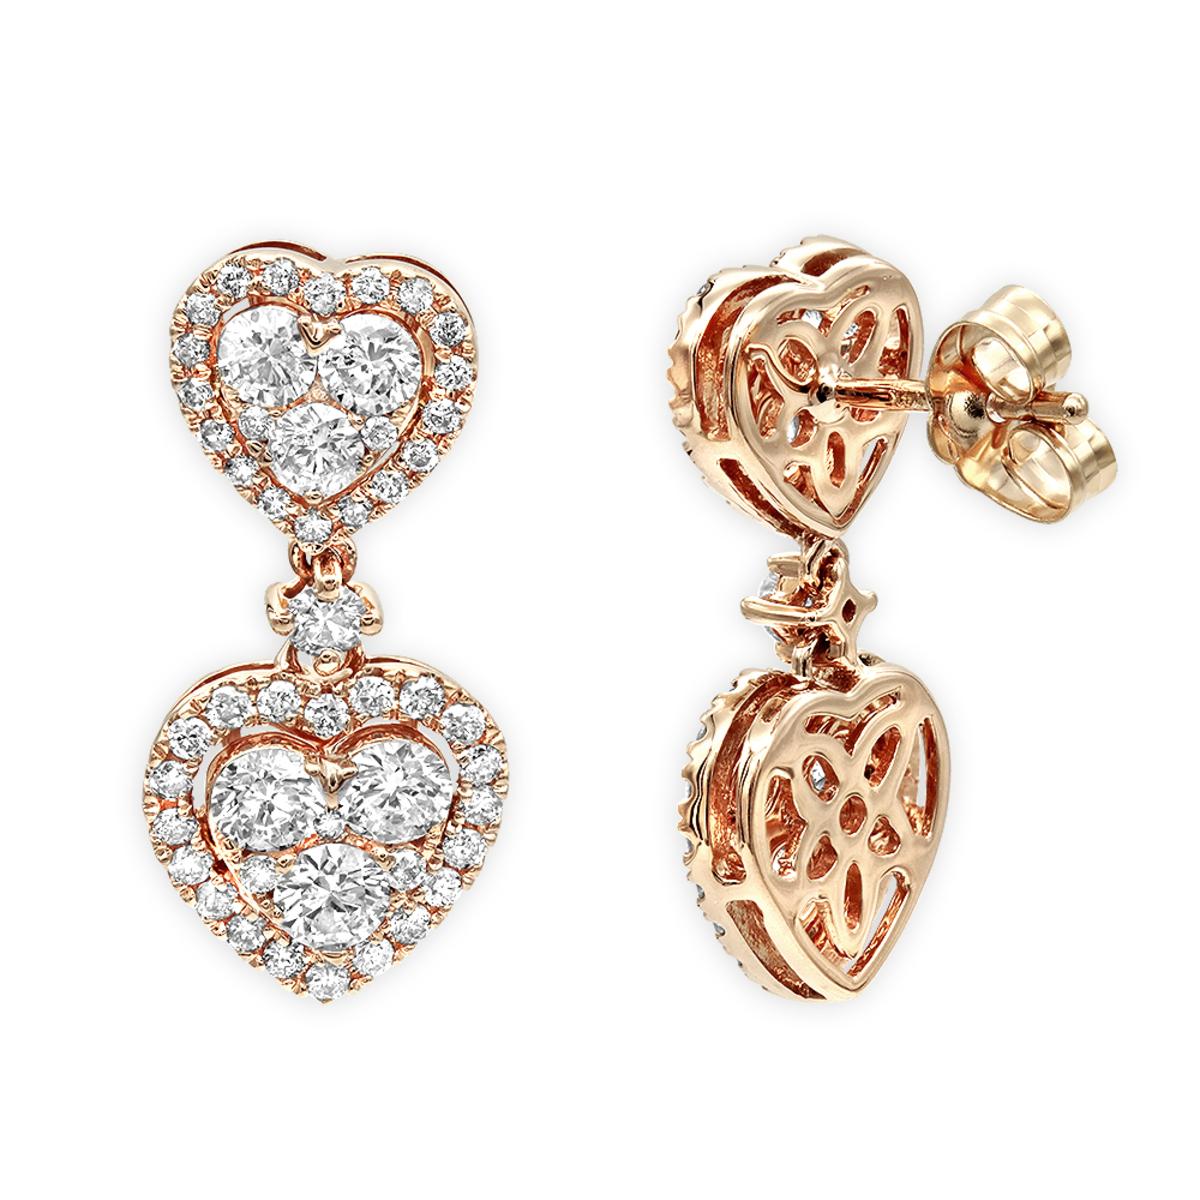 14K Gold Diamond Double Heart Drop Earrings for Women 1.7ct by Luxurman